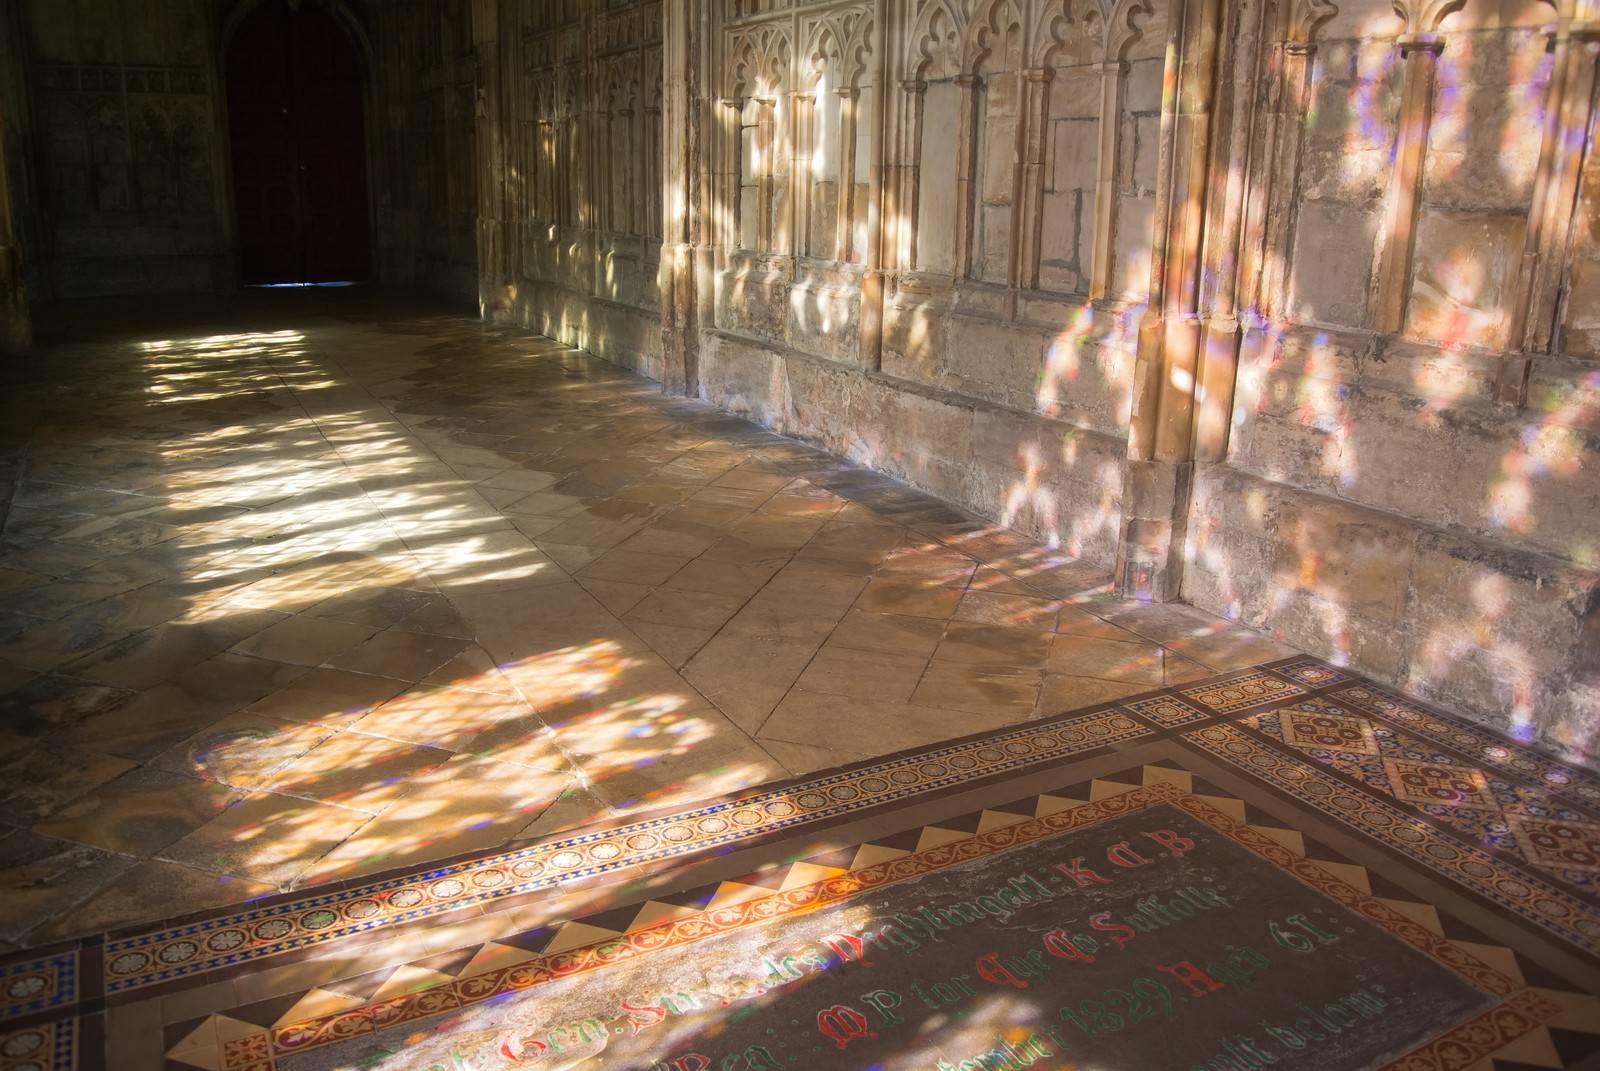 「グロスター聖堂とステンドグラスの影」の写真